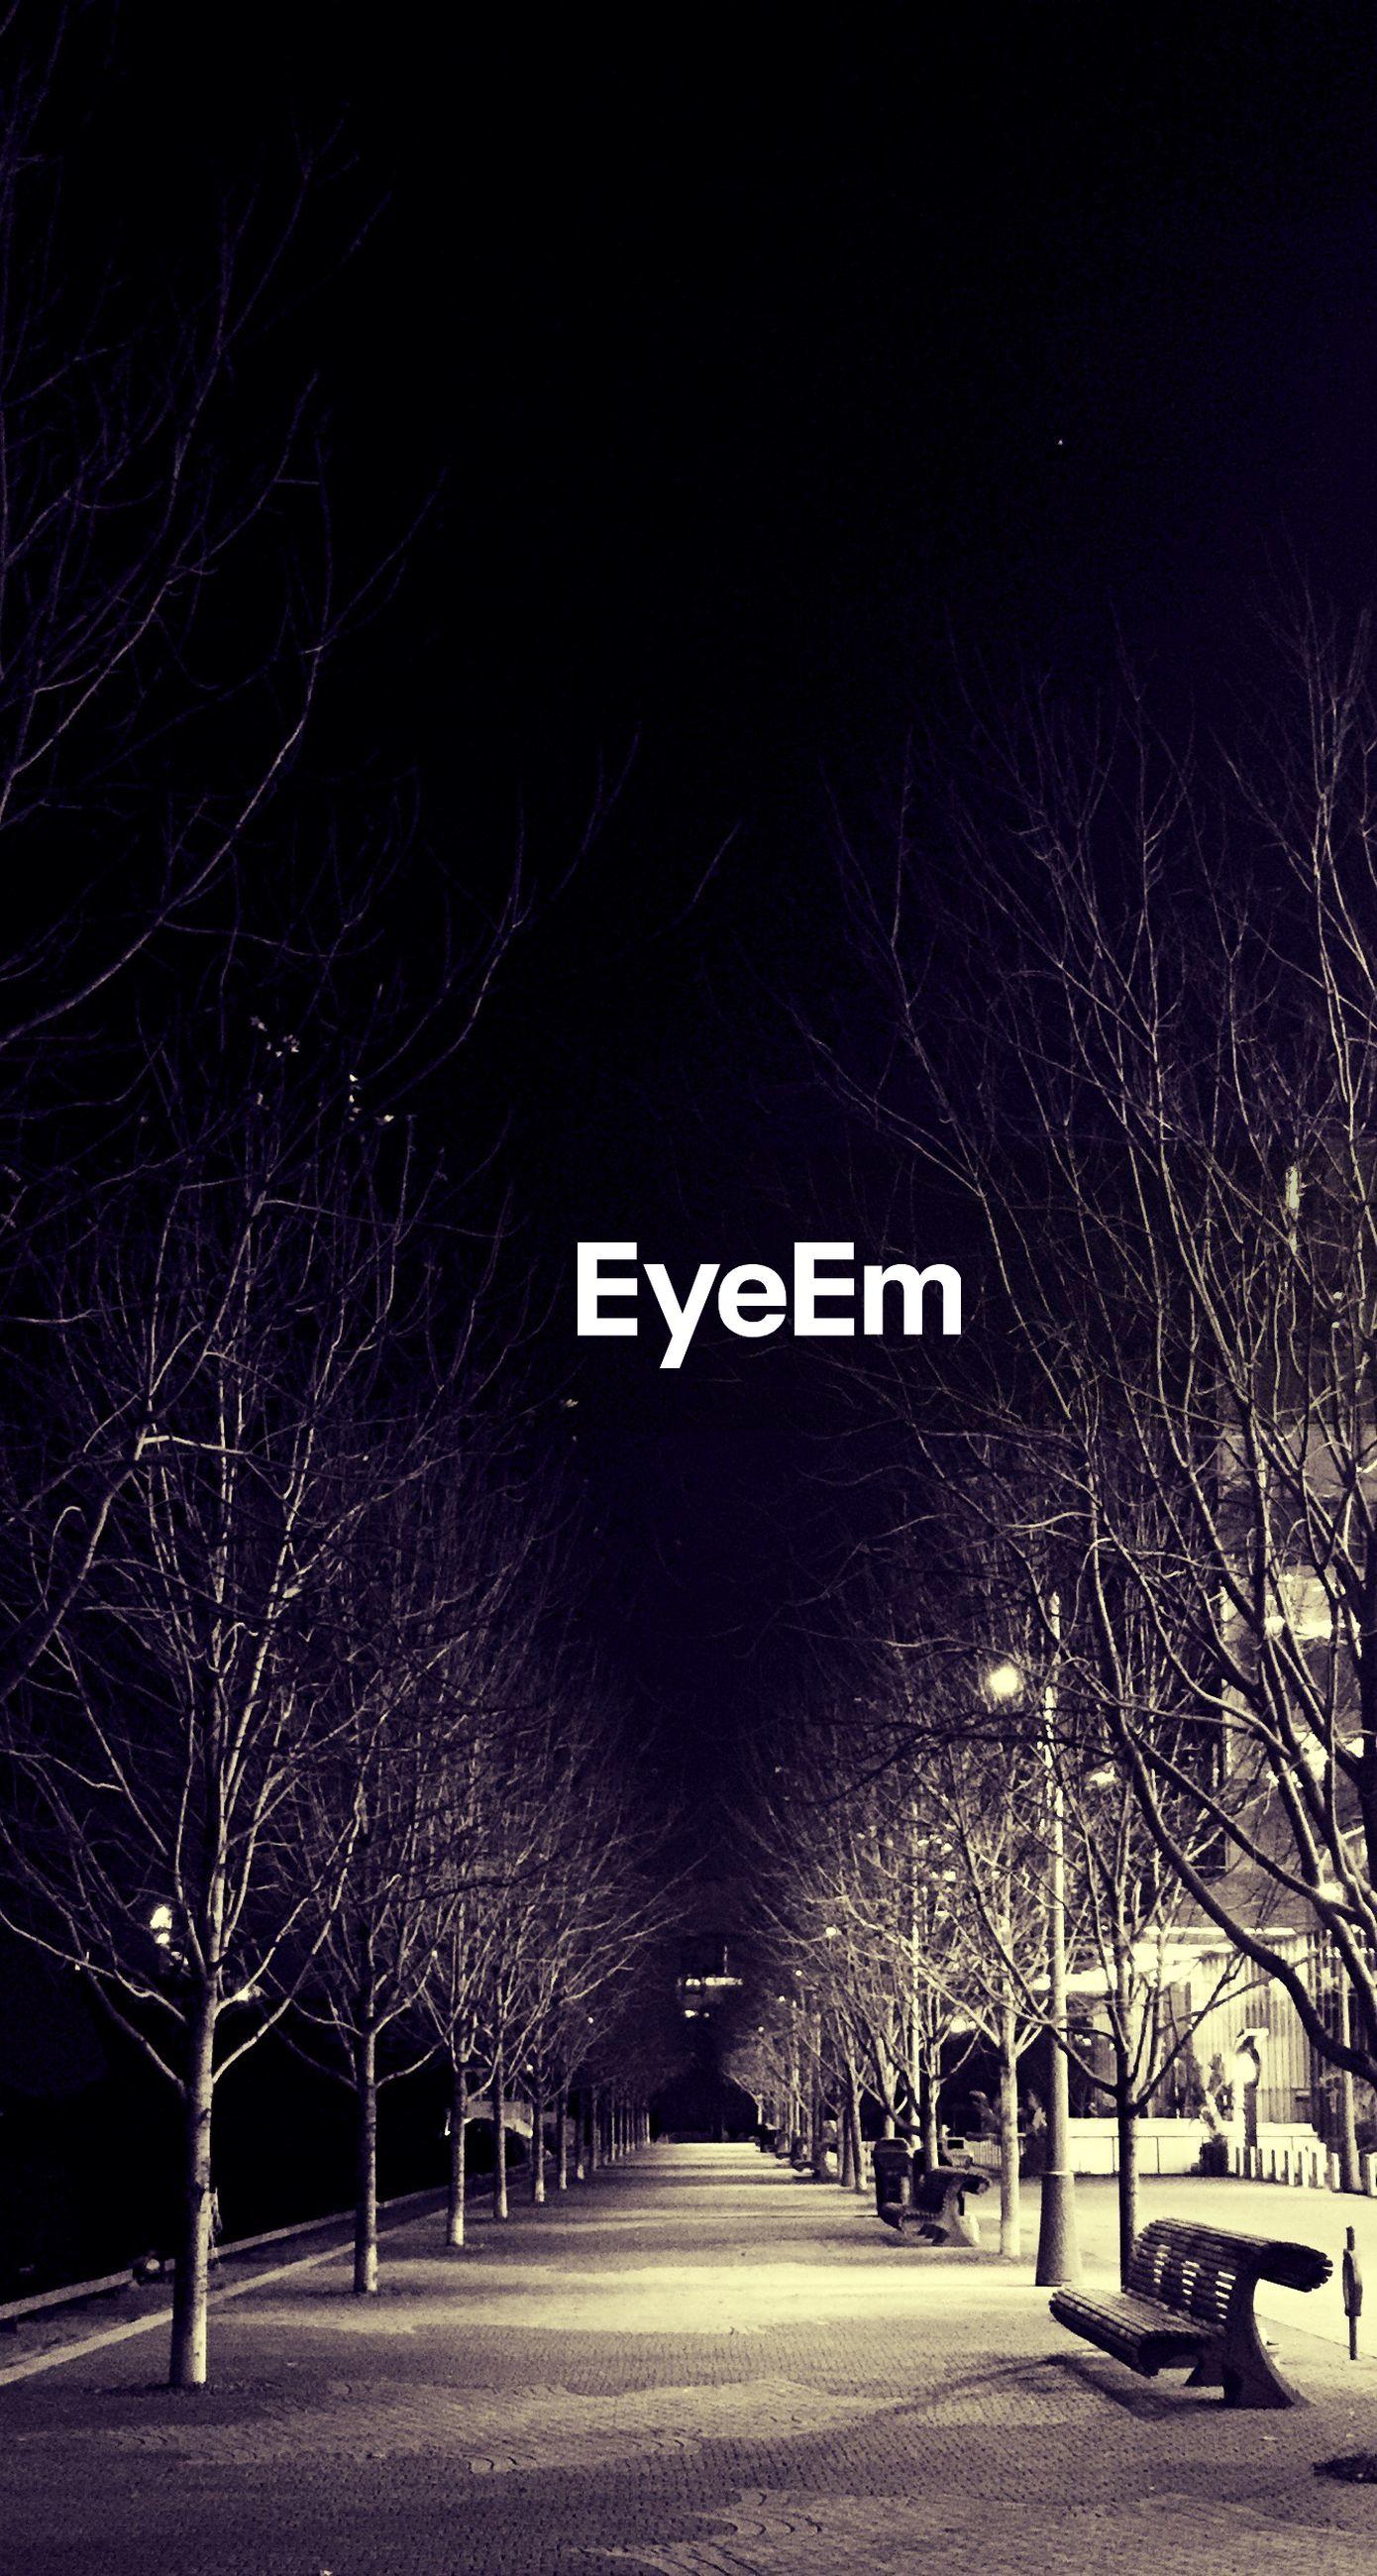 ROAD ALONG TREES AT NIGHT